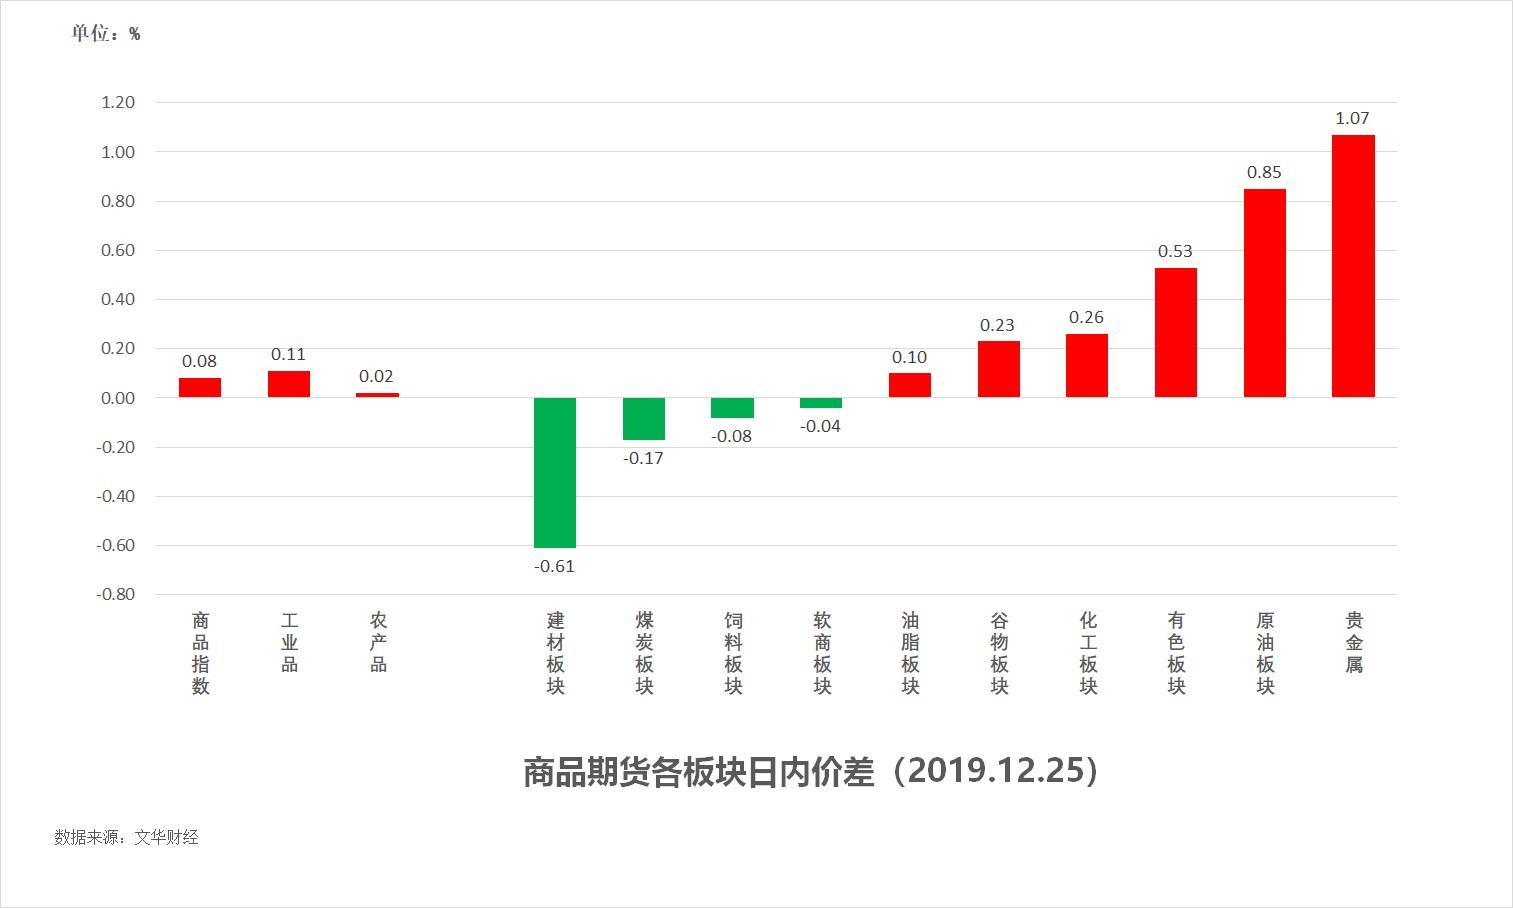 12月26日:《试错交易市场观察》